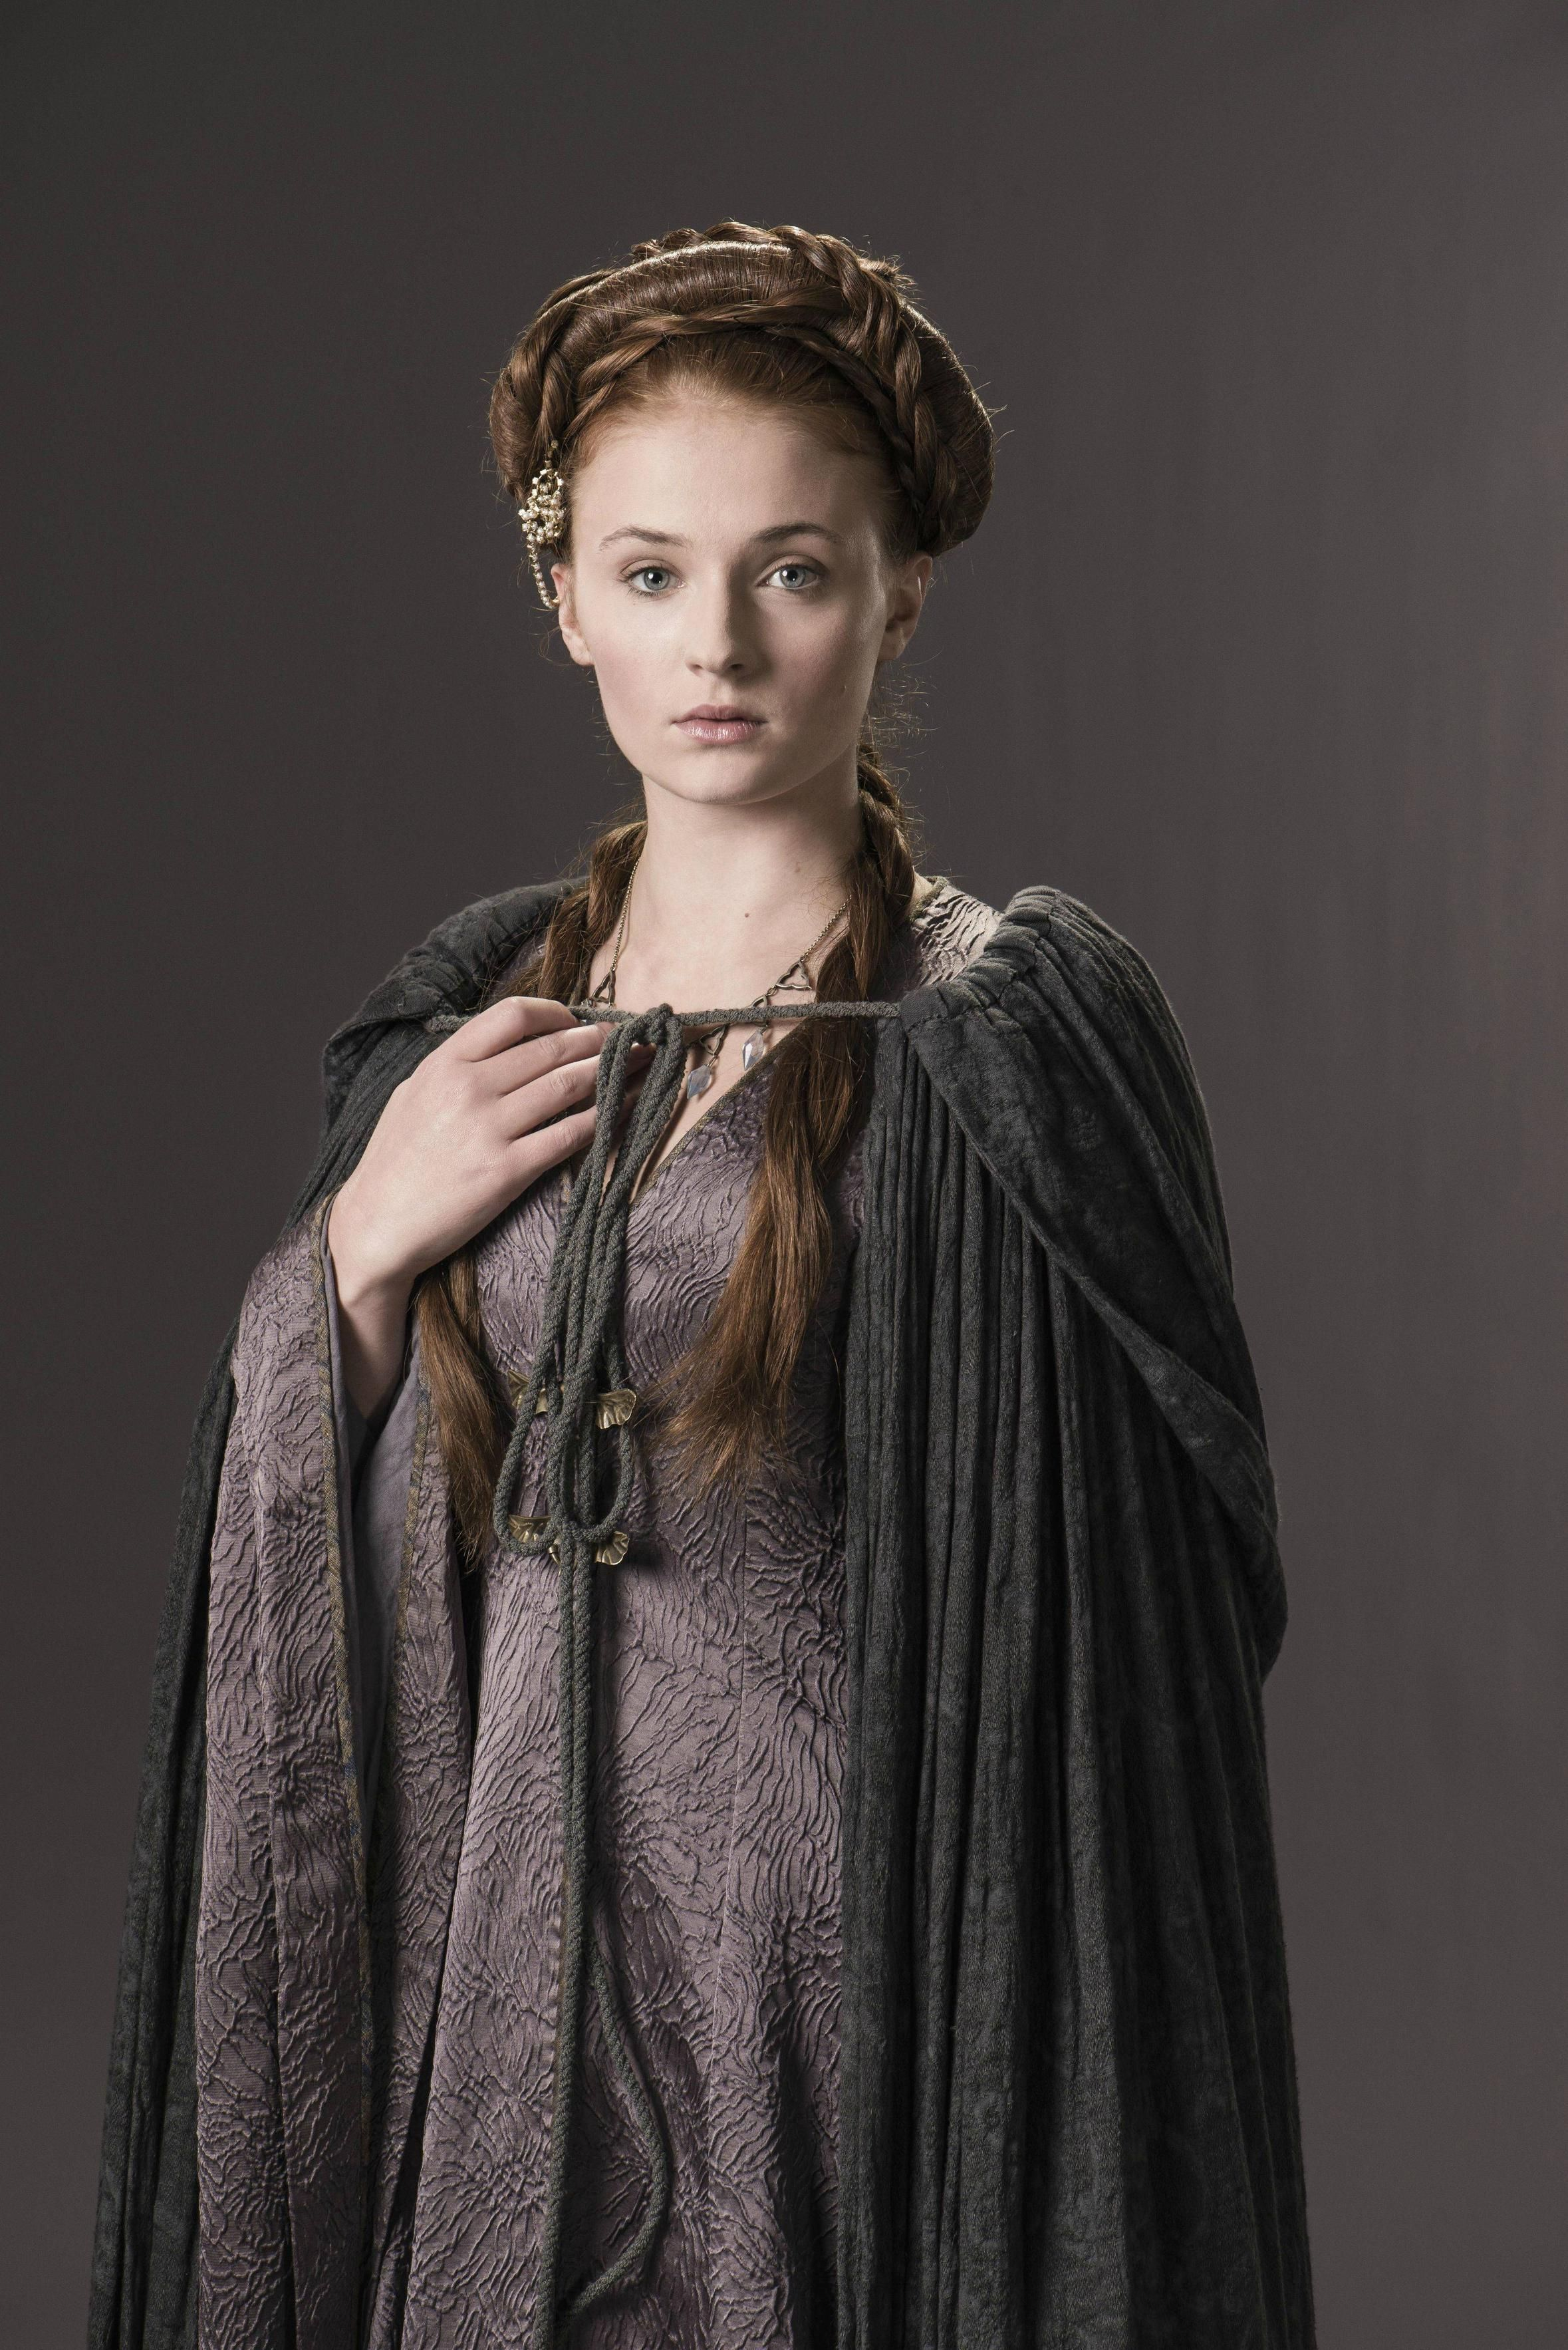 Sophie Turner Hot Sansa Stark Game Of Thrones Season 4 Meme Imgur SophieTurner